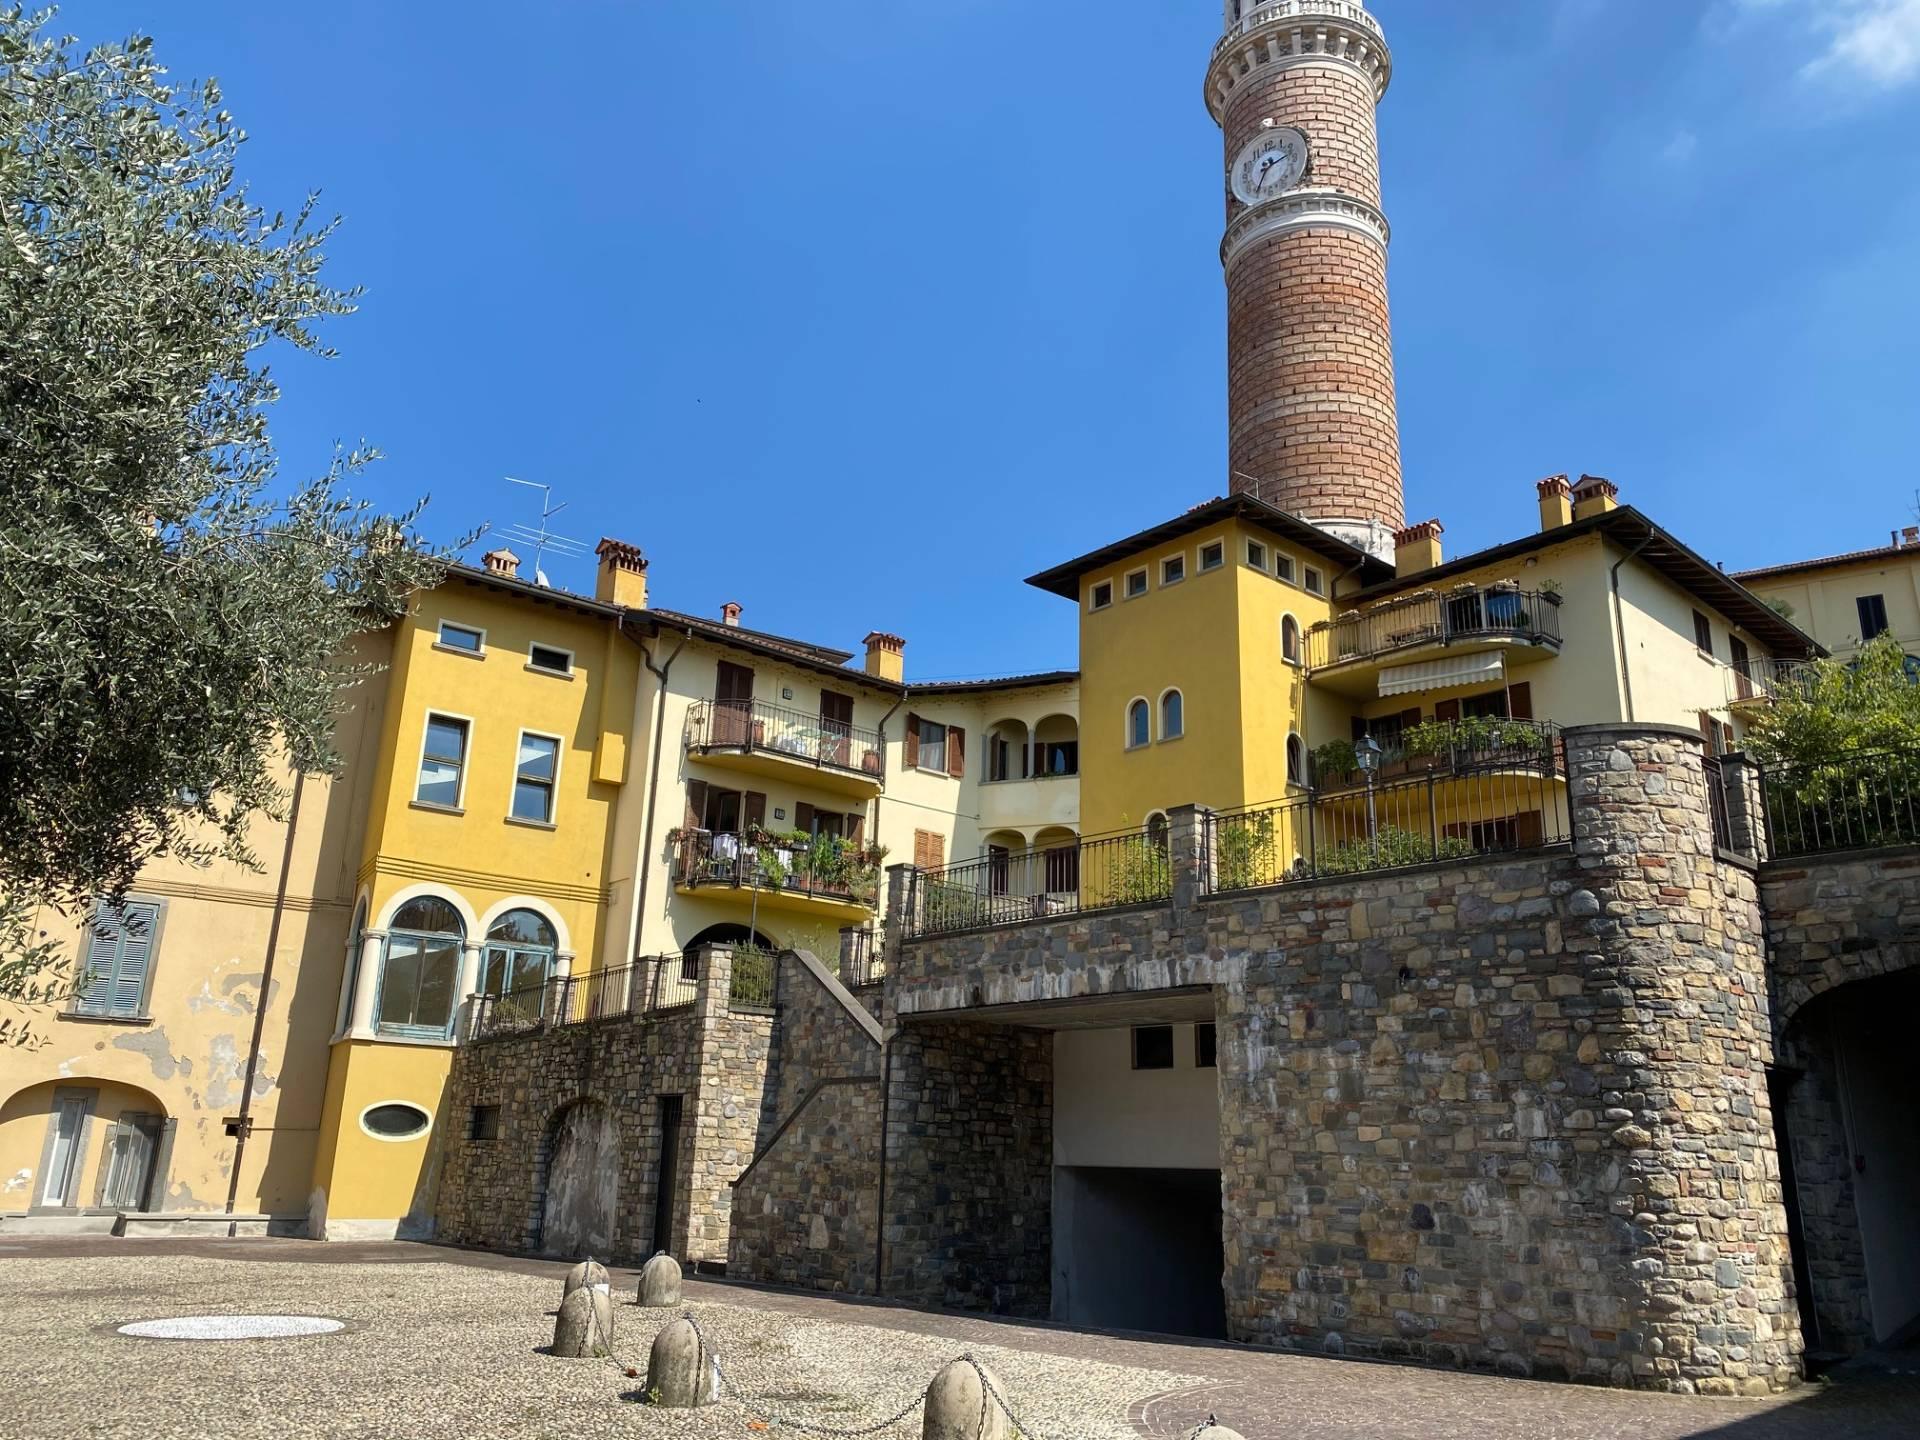 Appartamento in vendita a Palazzolo sull'Oglio, 3 locali, prezzo € 129.900 | PortaleAgenzieImmobiliari.it